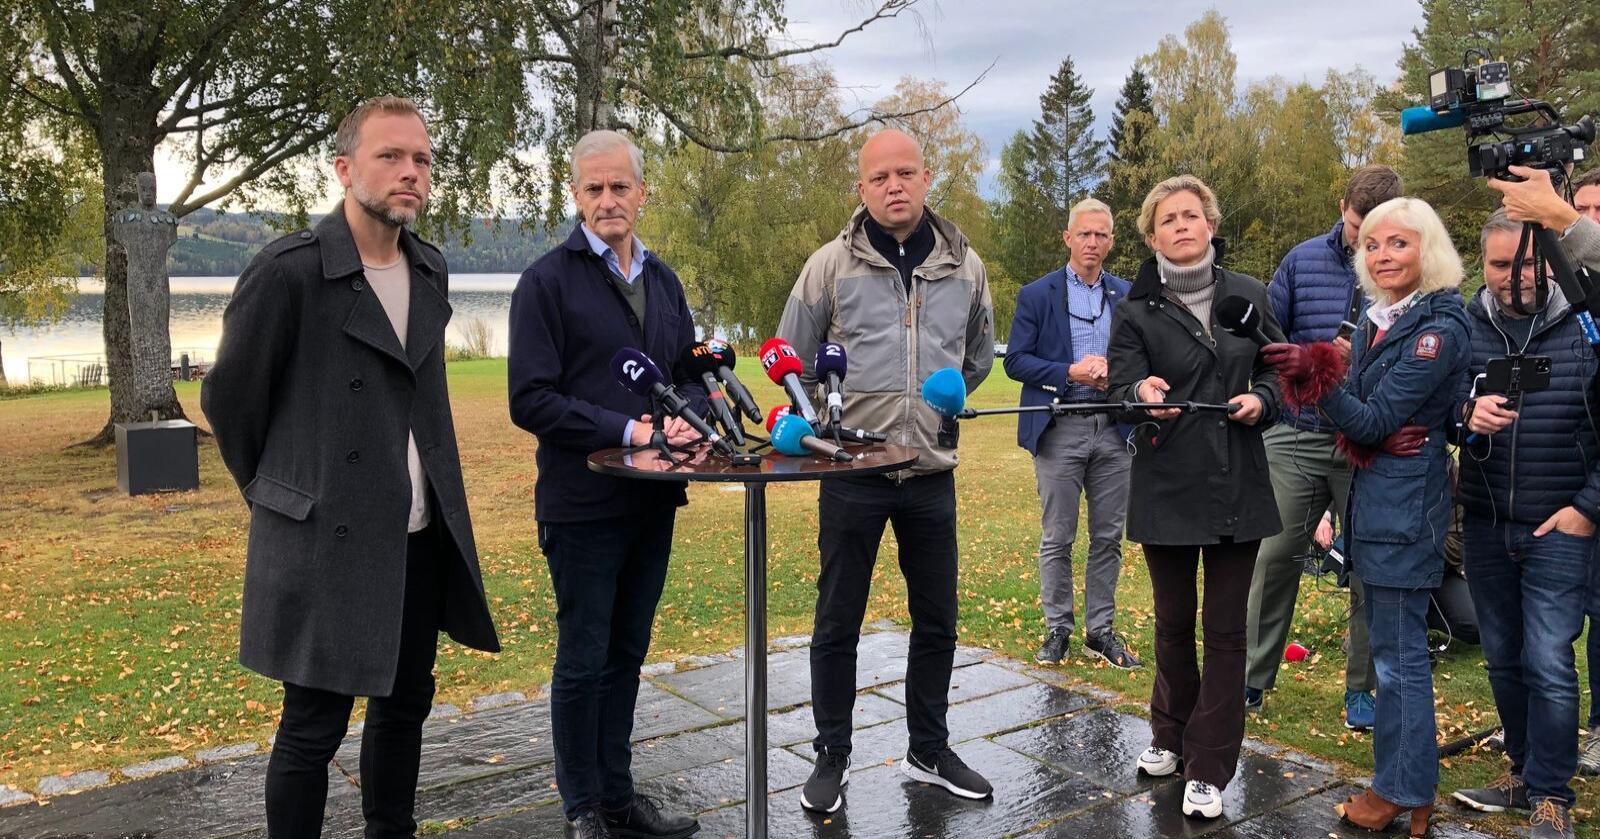 Audun Lysbakken, Jonas Gahr Støre og Trygve Slagsvold Vedum sitter nå ved sonderingsbordet. Blir alle tre med videre til forhandlingene? Foto: Anne Ekornholmen